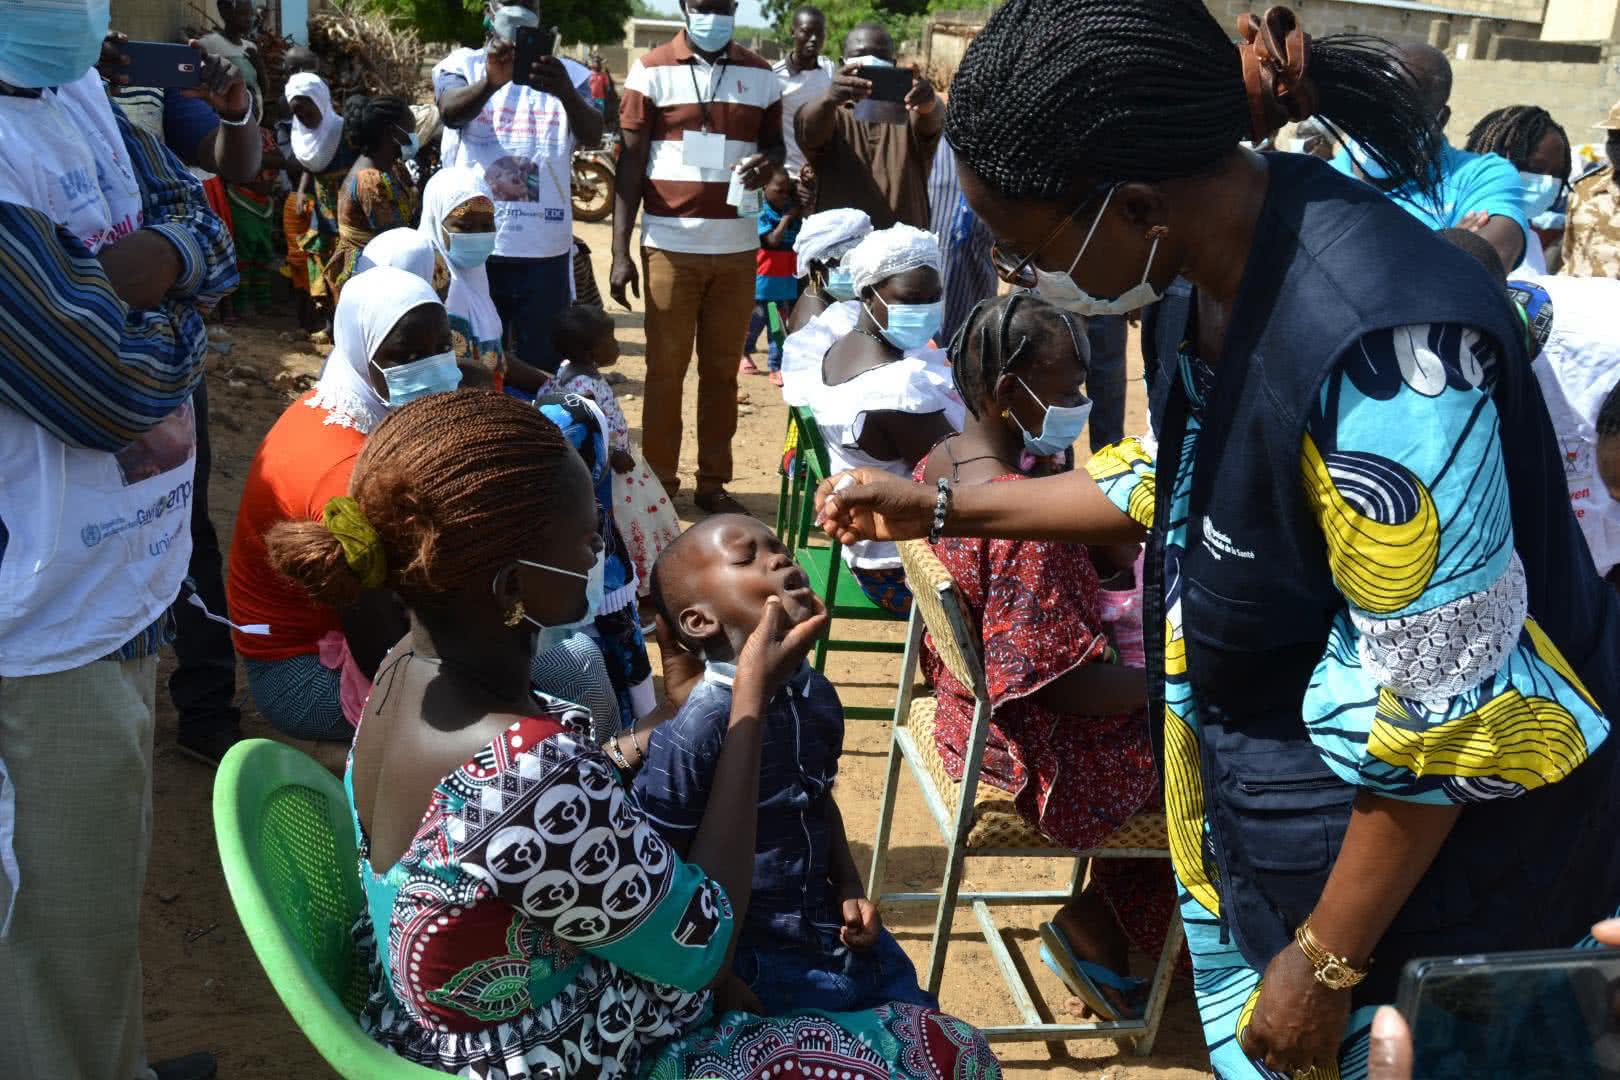 La OMS apoya las actividades de vacunación durante la pandemia de COVID-19